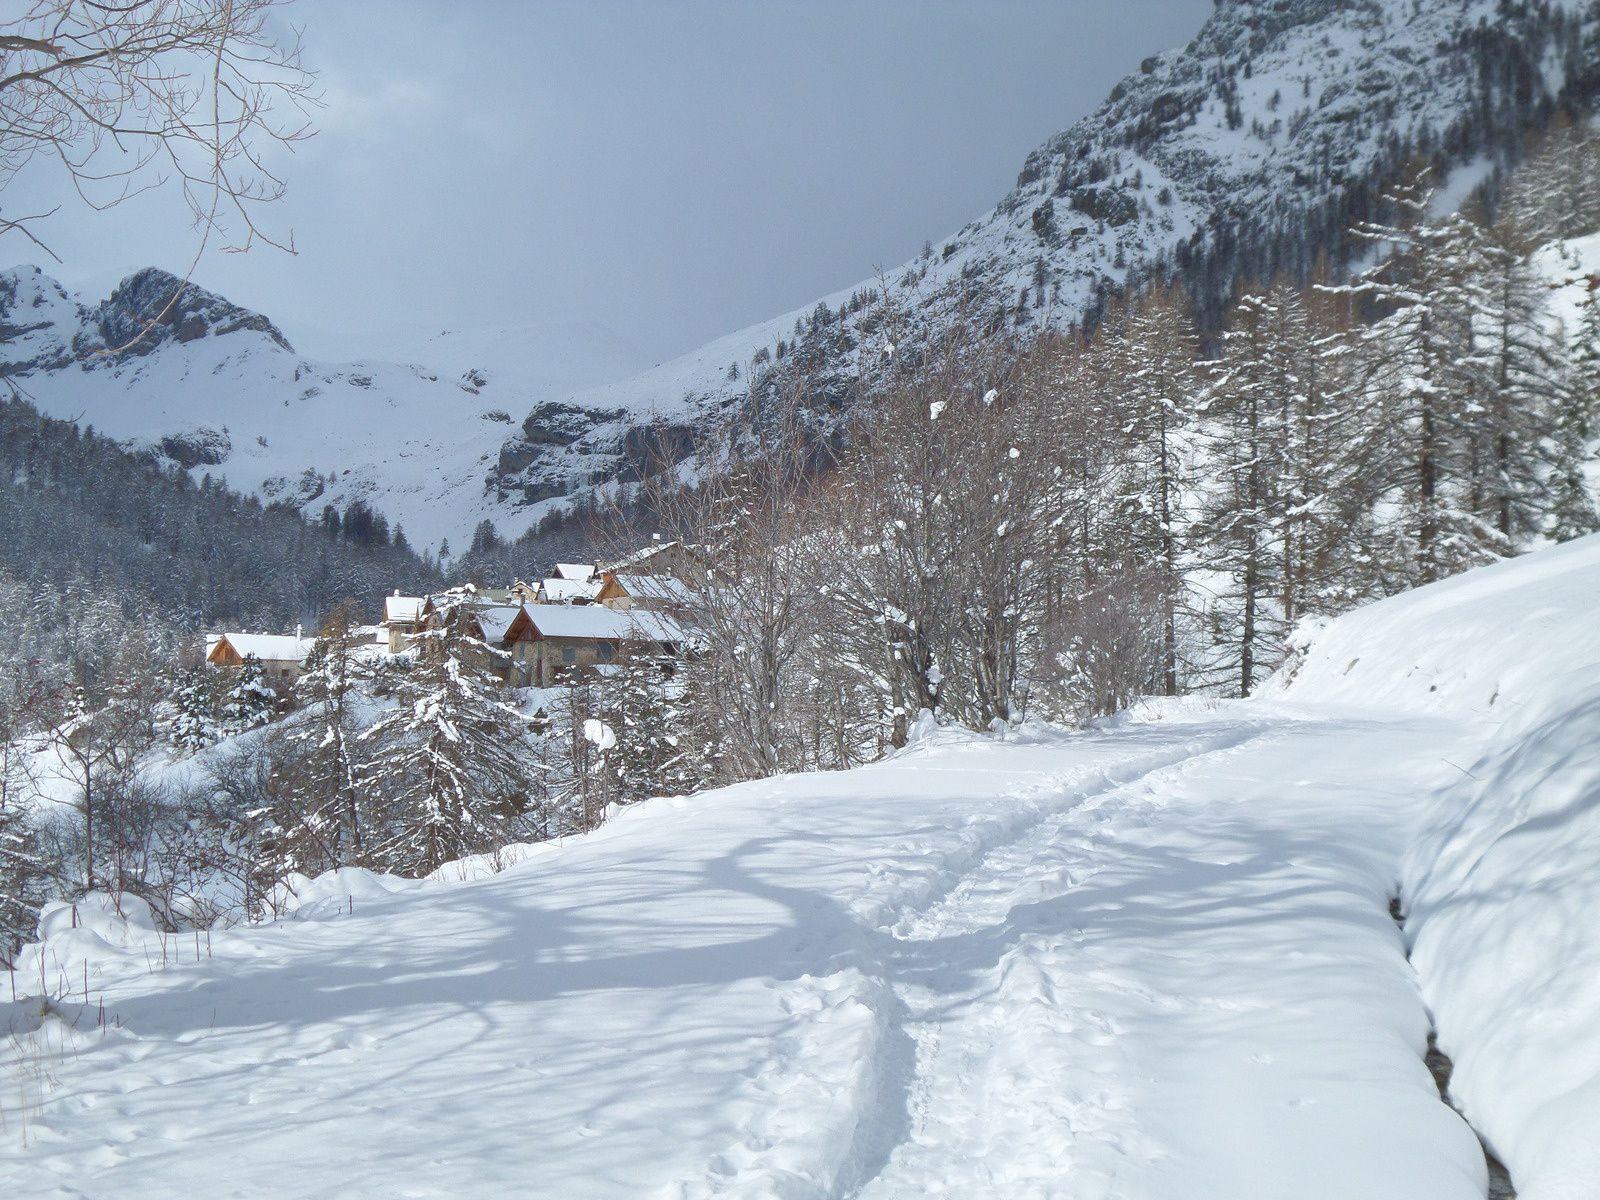 vue sur la Haute vallée de la Durance et arrivée en vue du Hameau des Combes (1853m) endormi au coeur de l'hiver !!